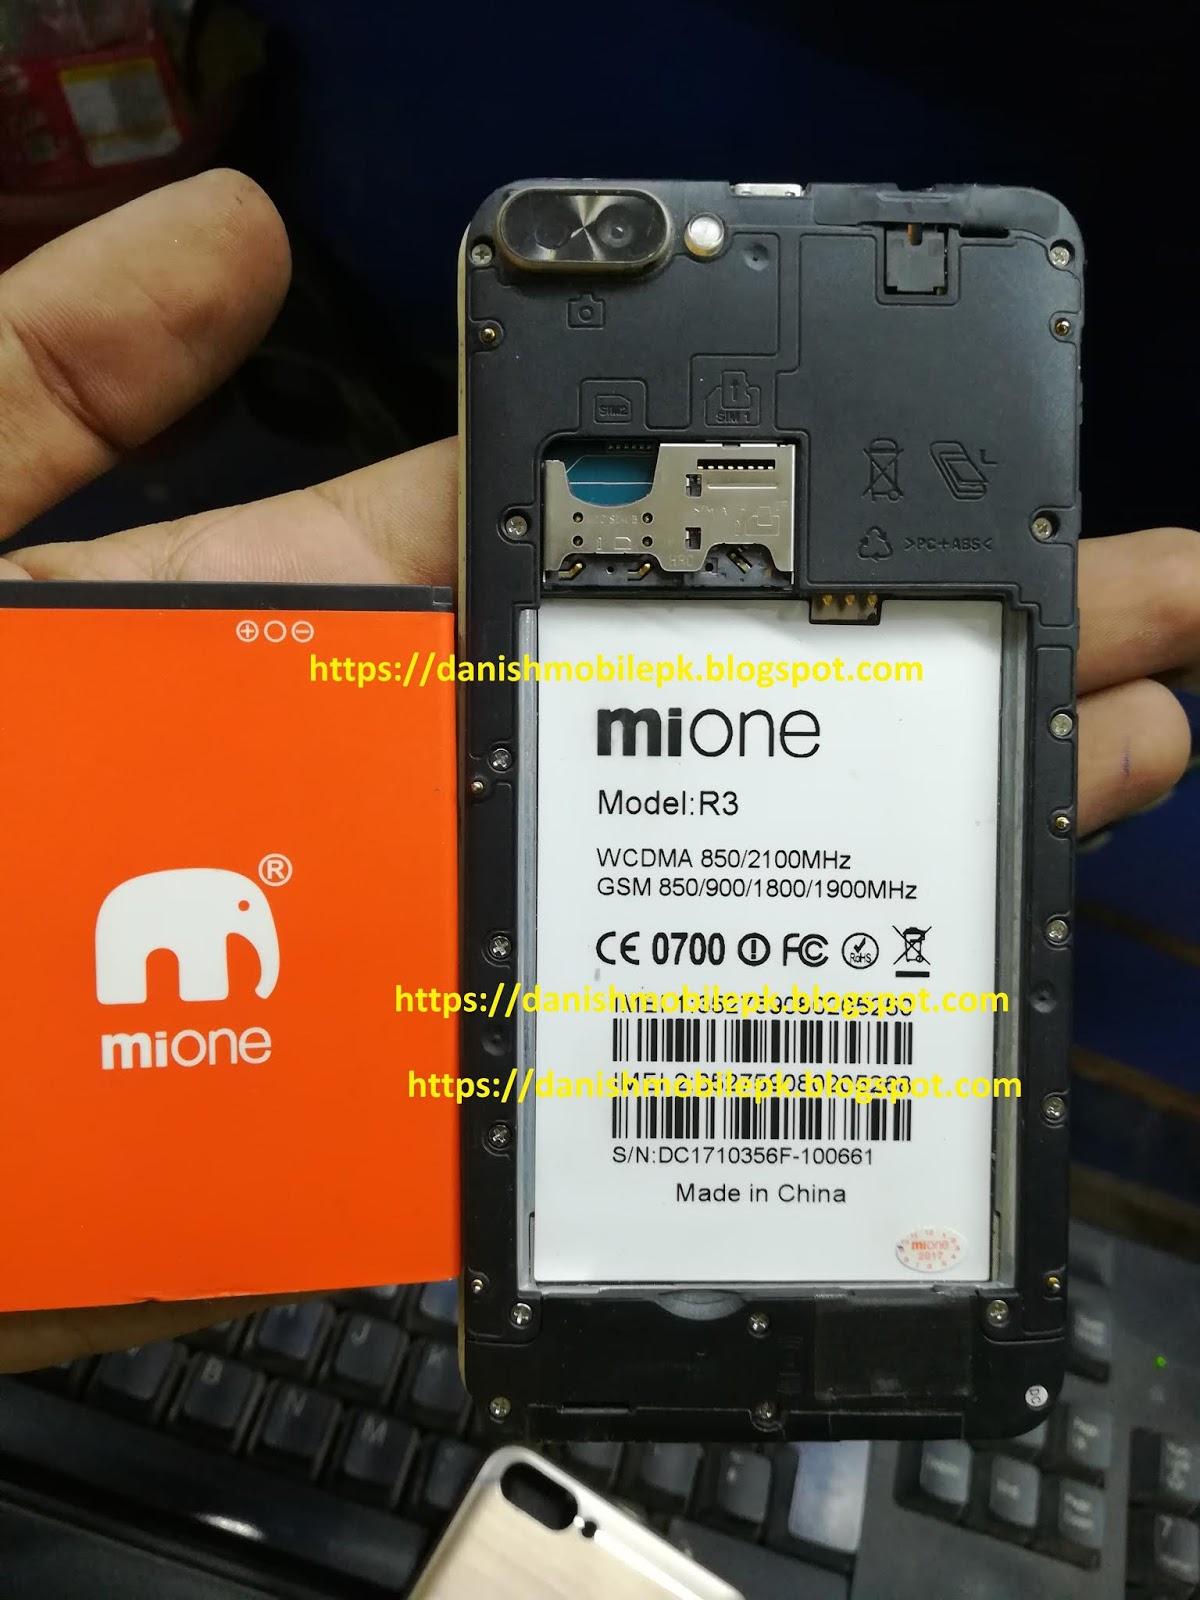 Mione R3 Firmware - DANISH MOBILE